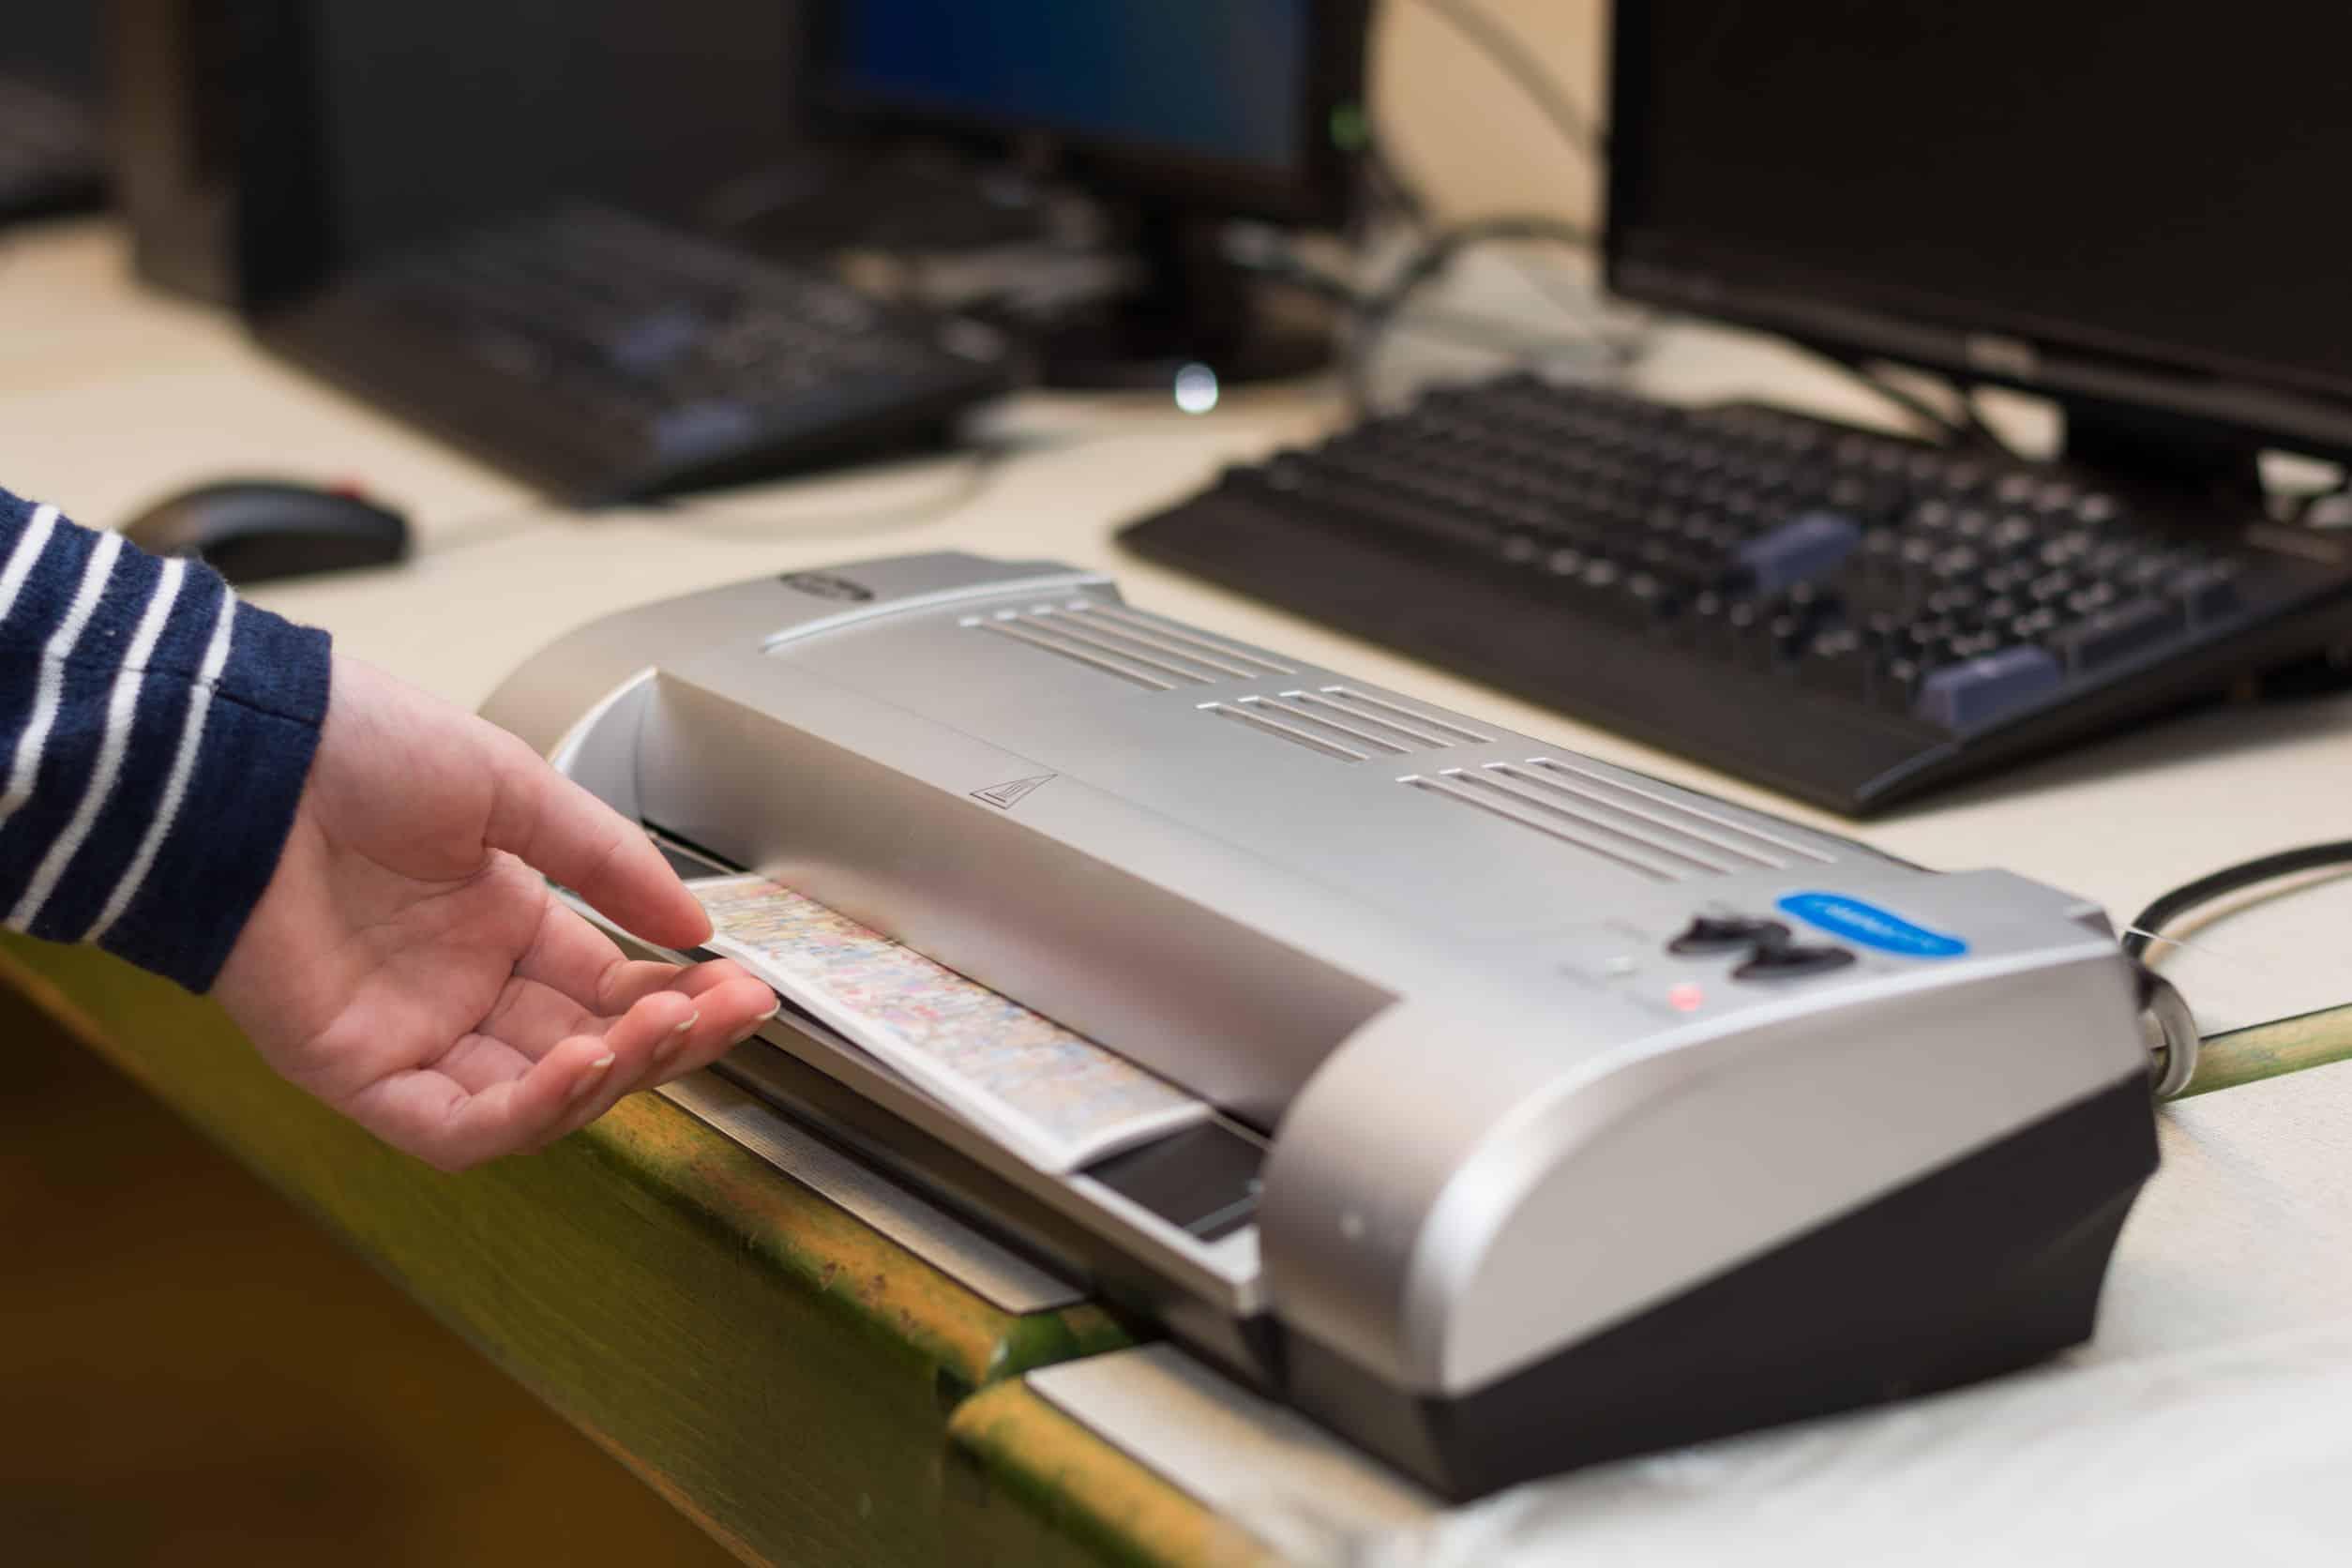 Imagem mostra uma mão inserindo um papel em uma laminadora.